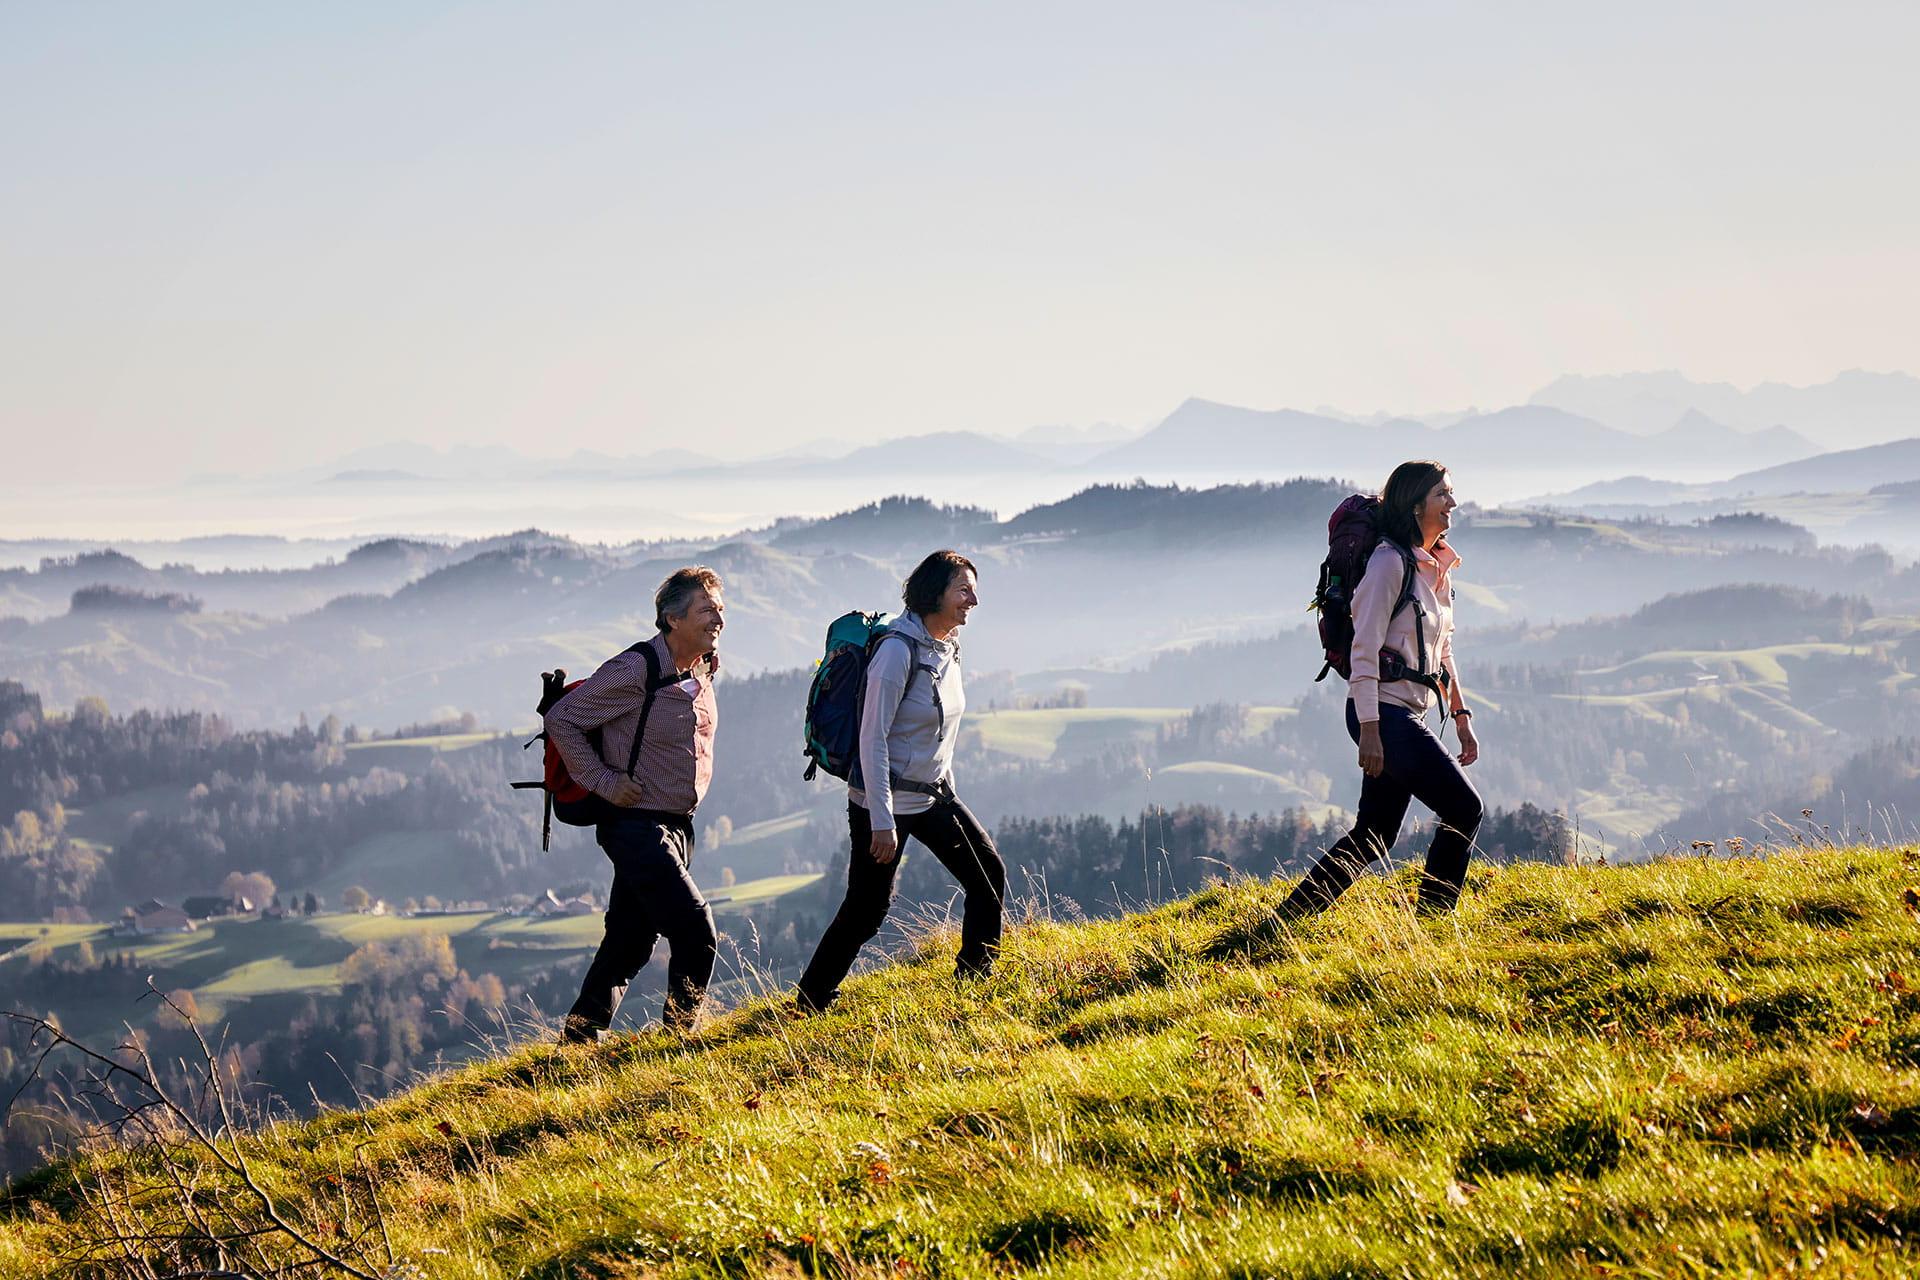 Eine Gruppe wandert in der Napfregion über saftige Wiesen und idyllische Hügel.